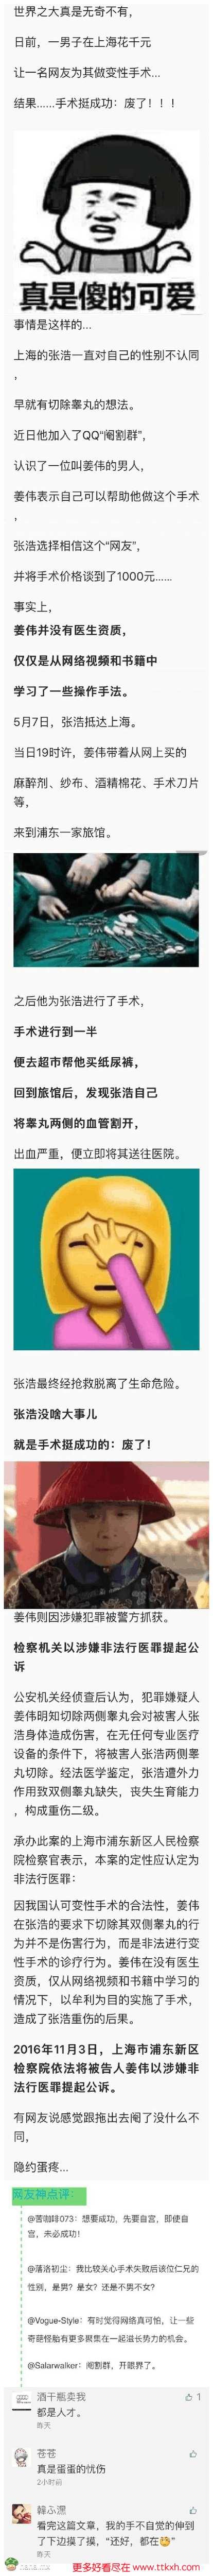 加入阉割群,与网友相约旅店花千元手术!